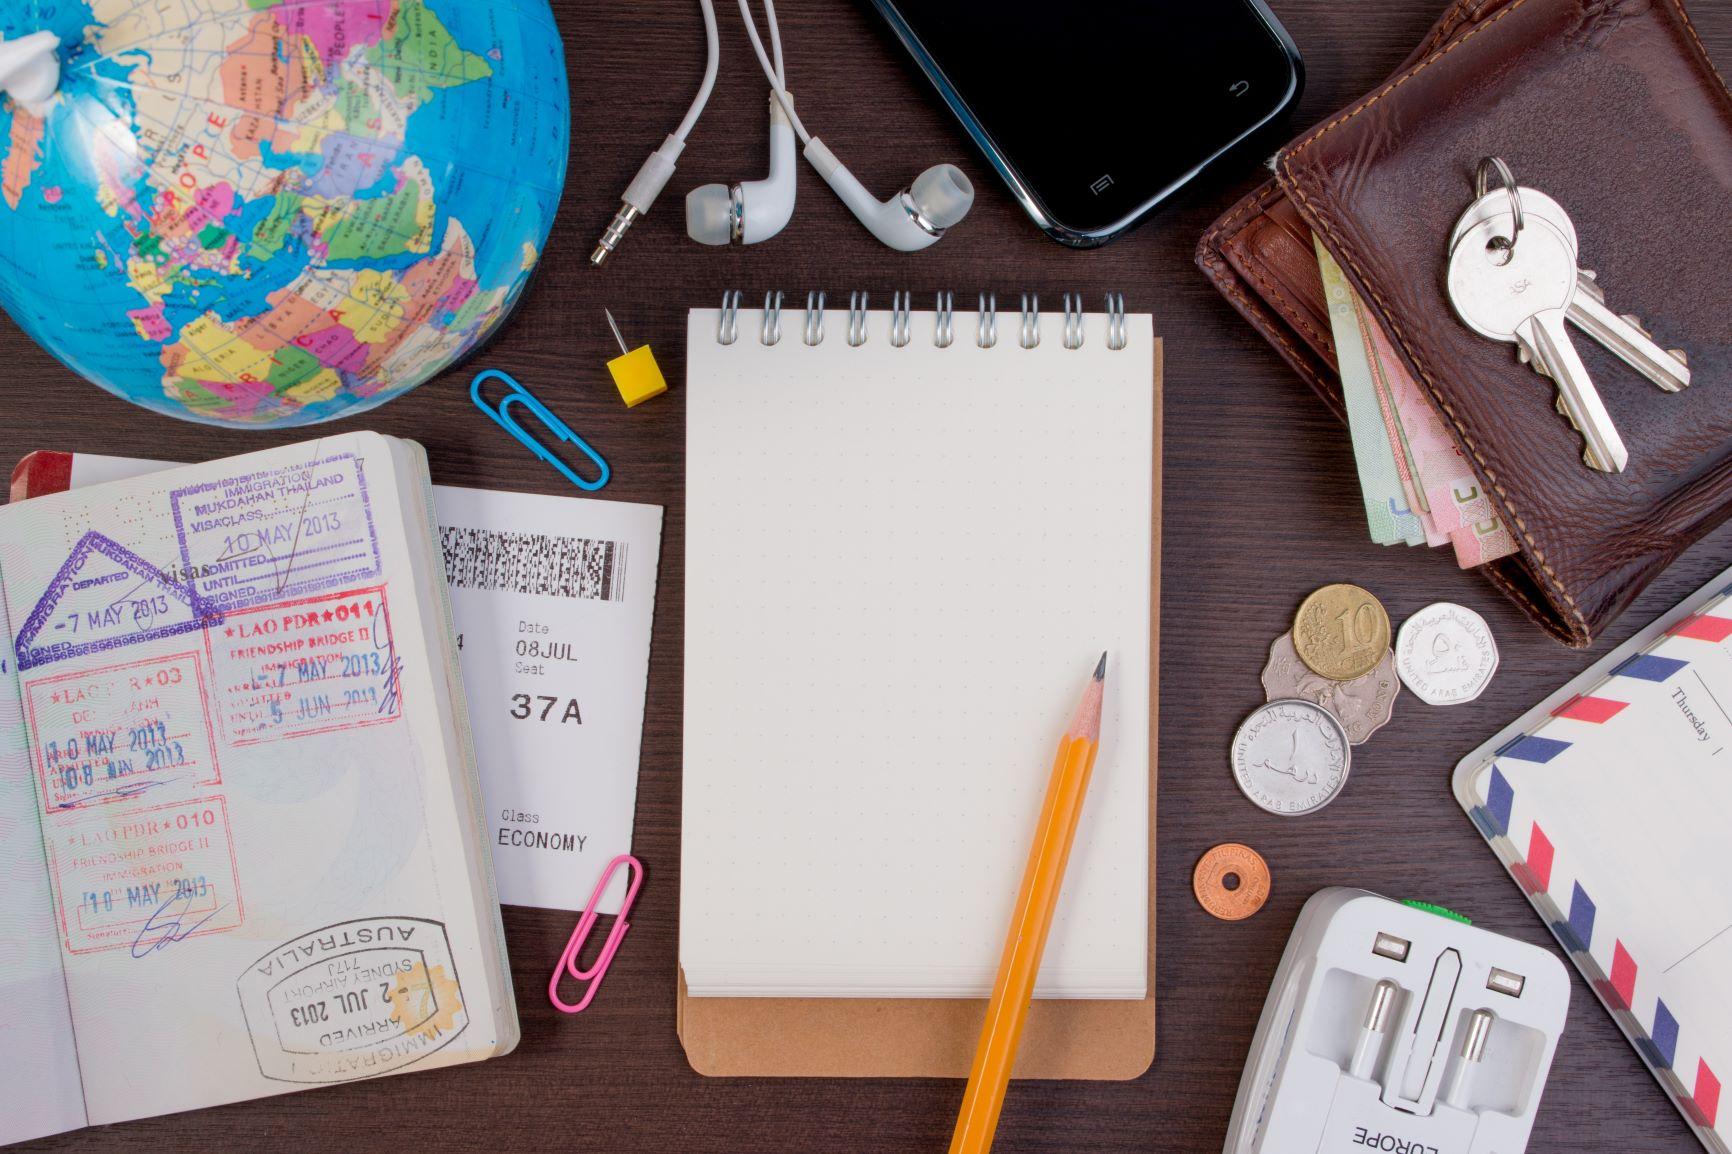 海外旅行持ち物リスト